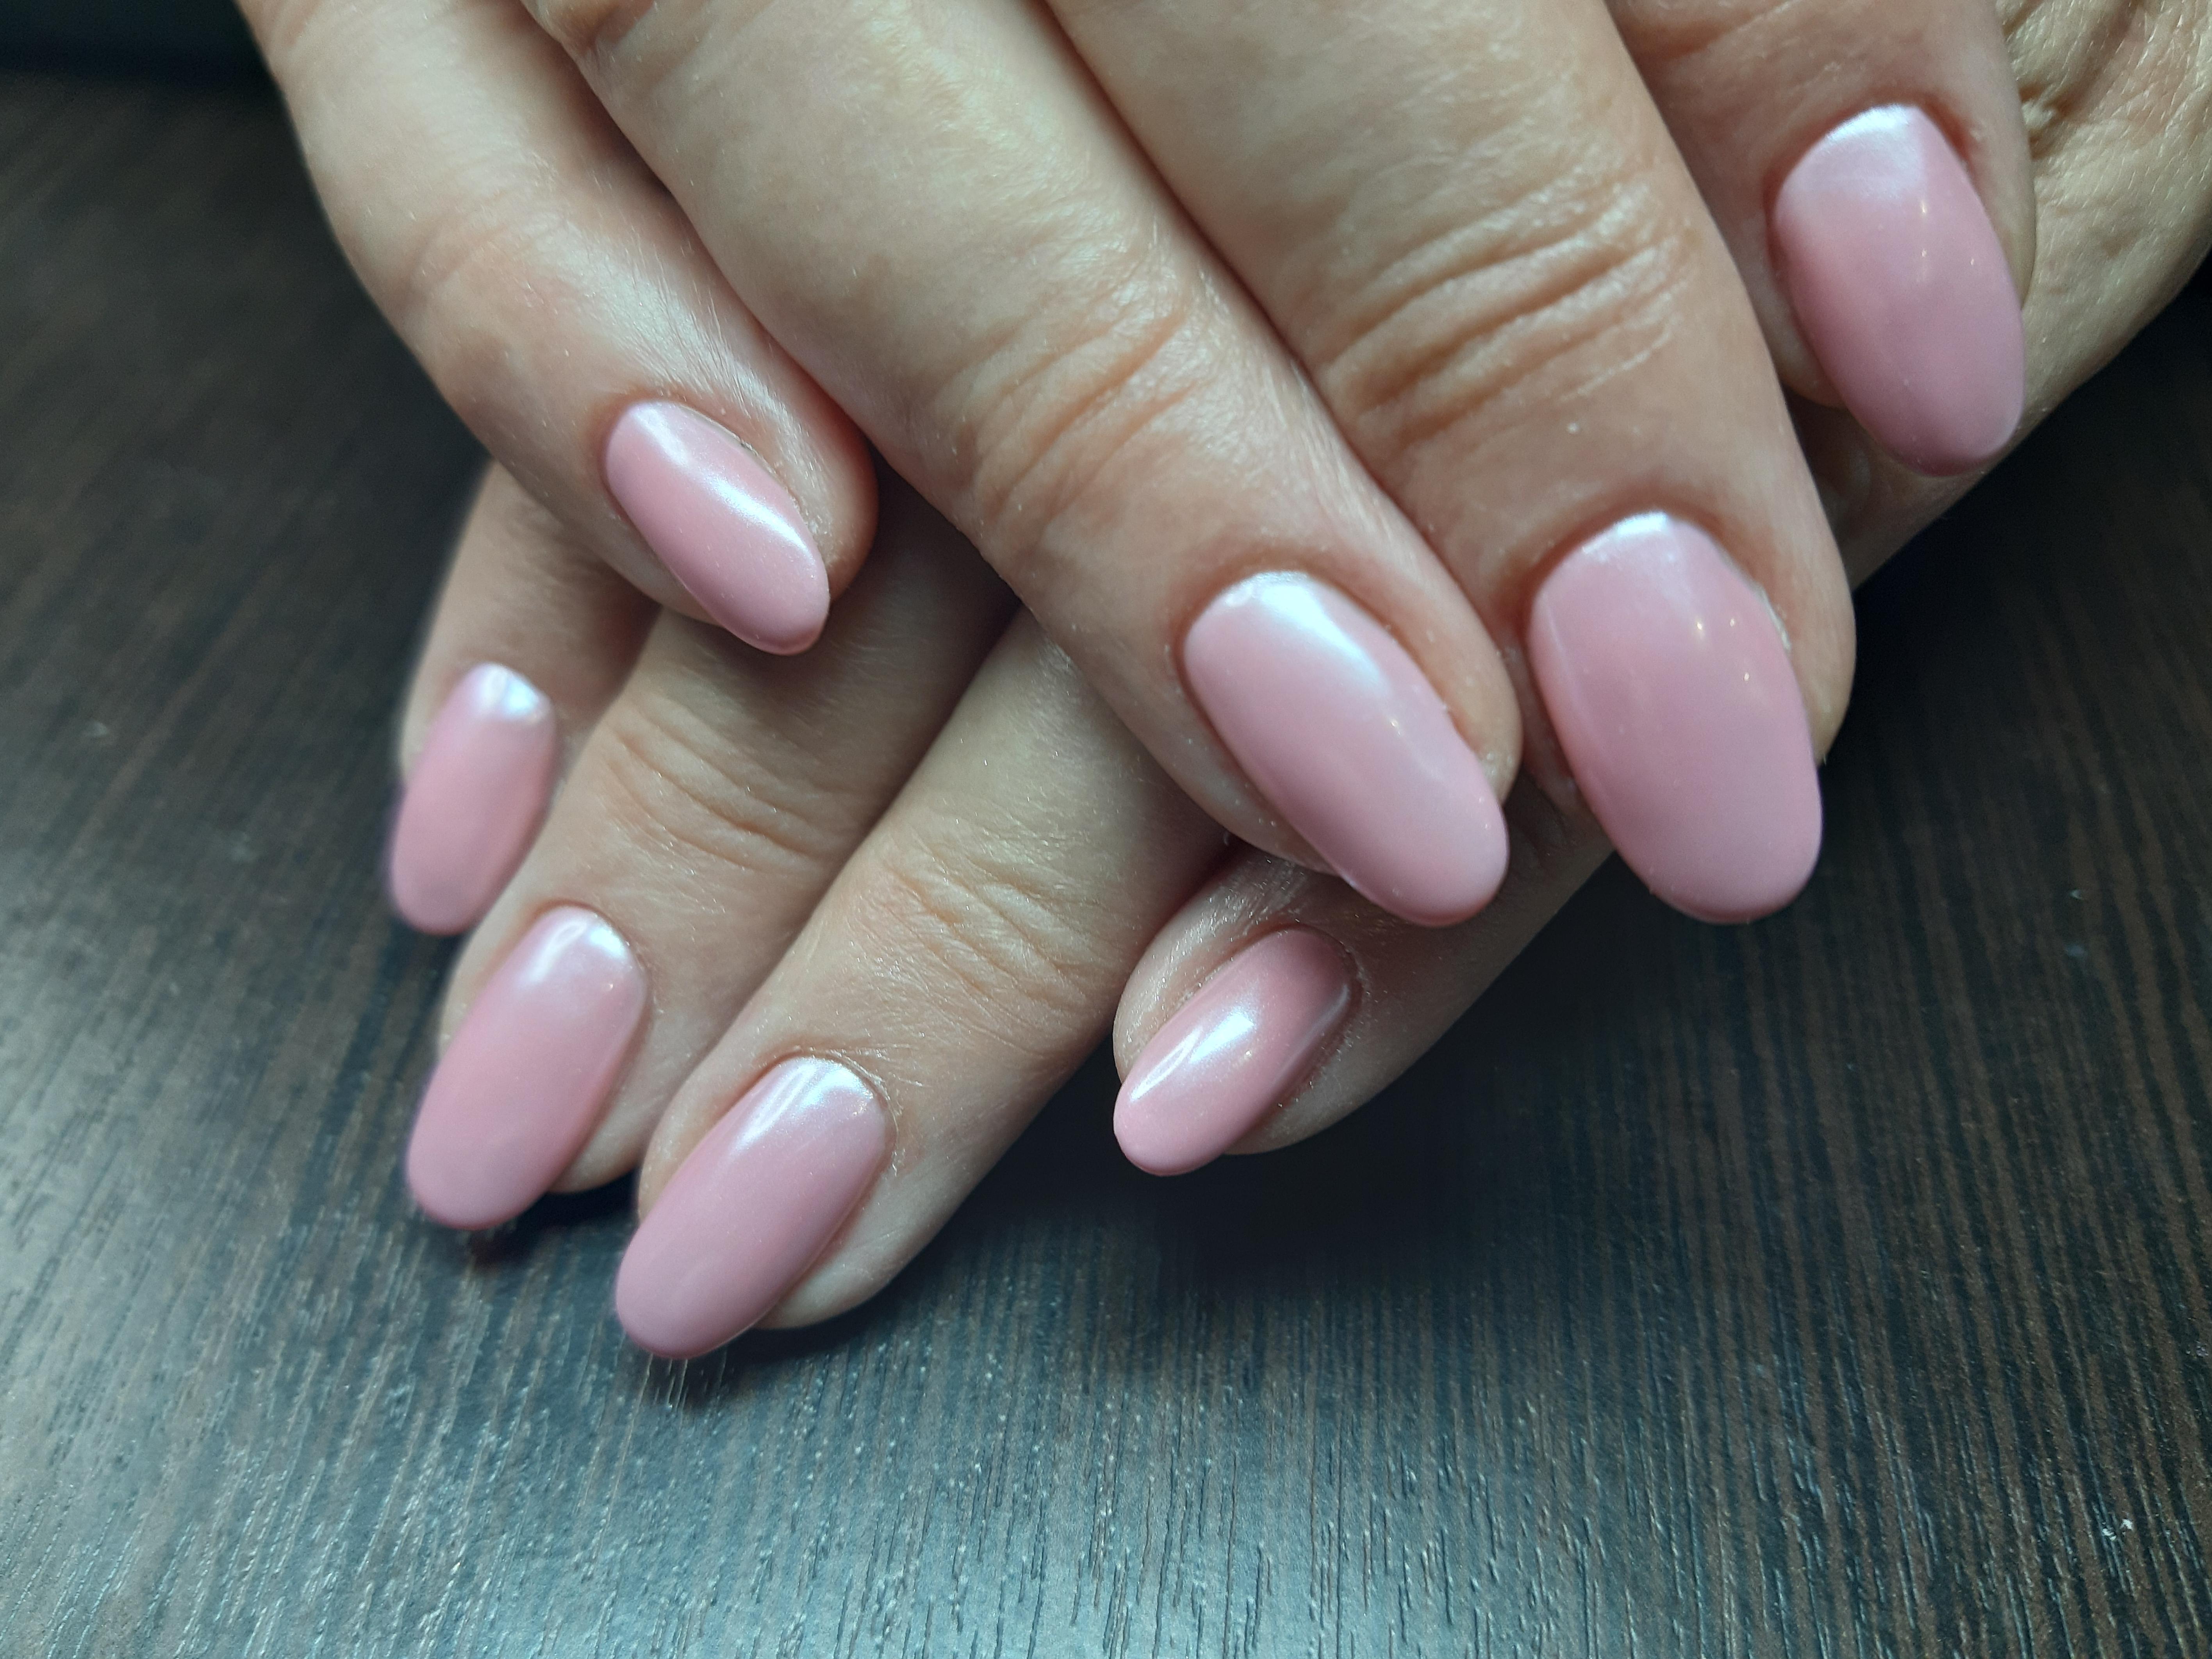 Маникюр с втиркой в розовом цвете на длинные ногти.